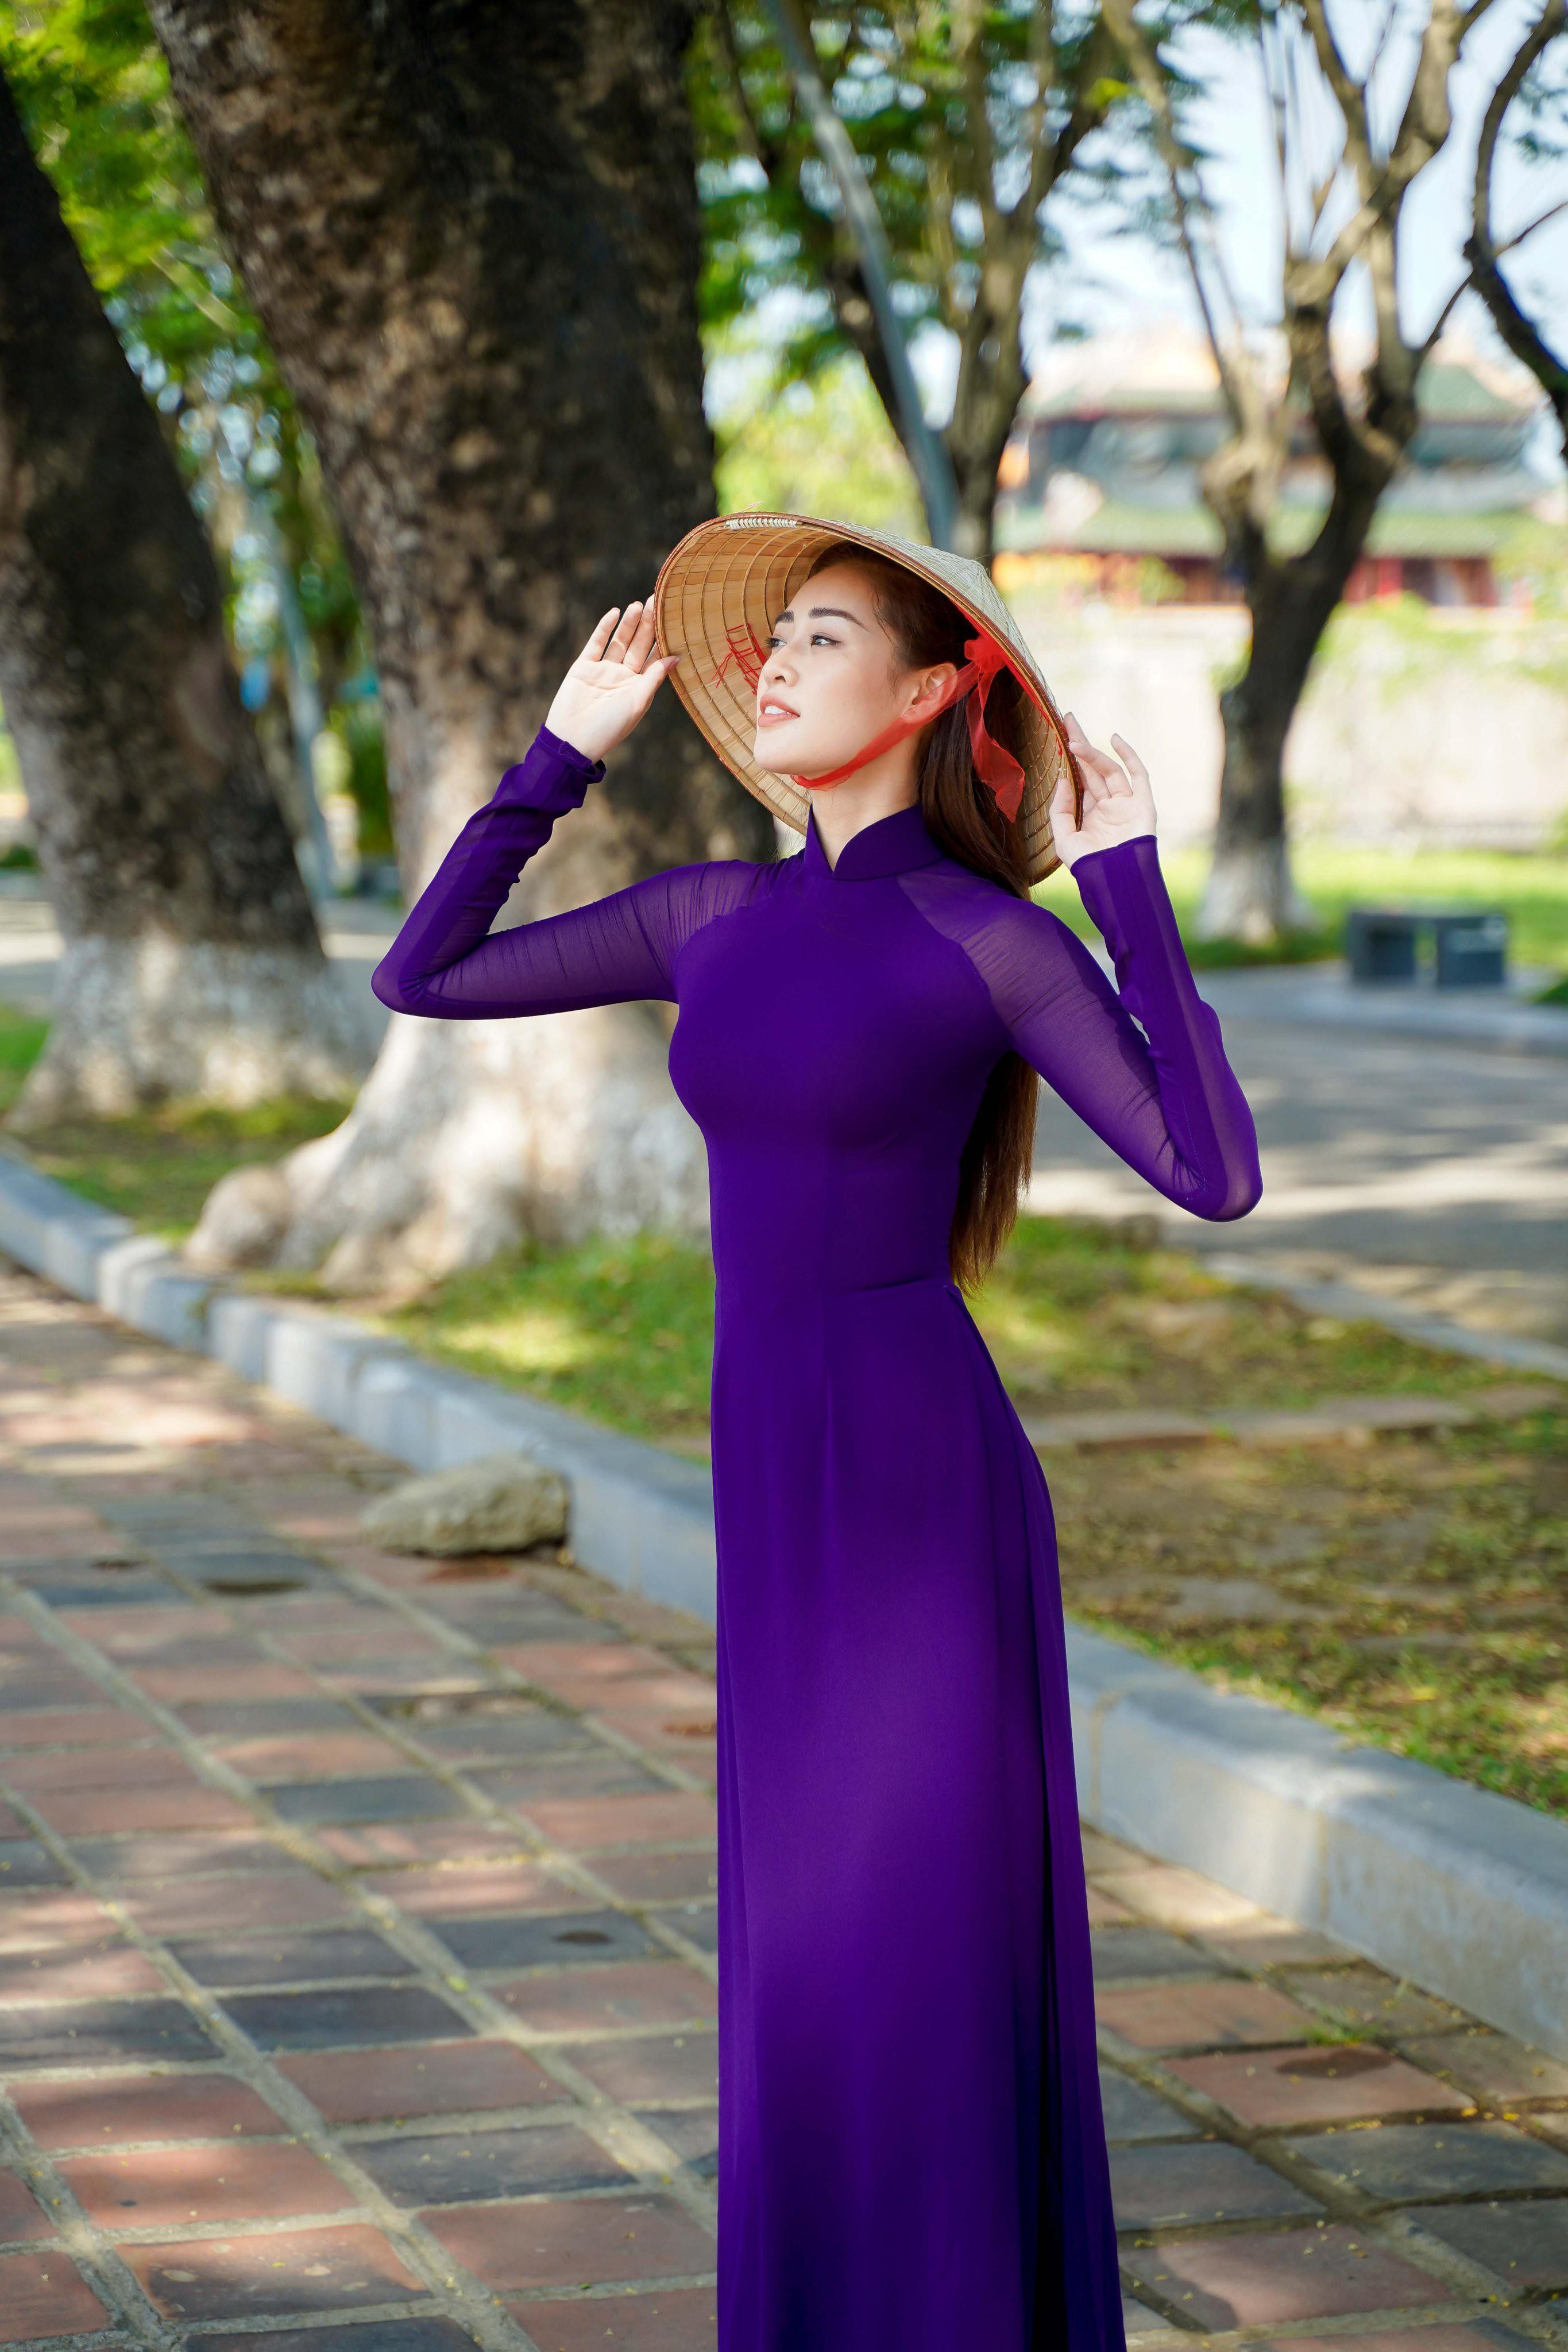 Hoa hậu Khánh Vân diện áo dài tím hóa thành cô gái xứ Huế Ảnh 5